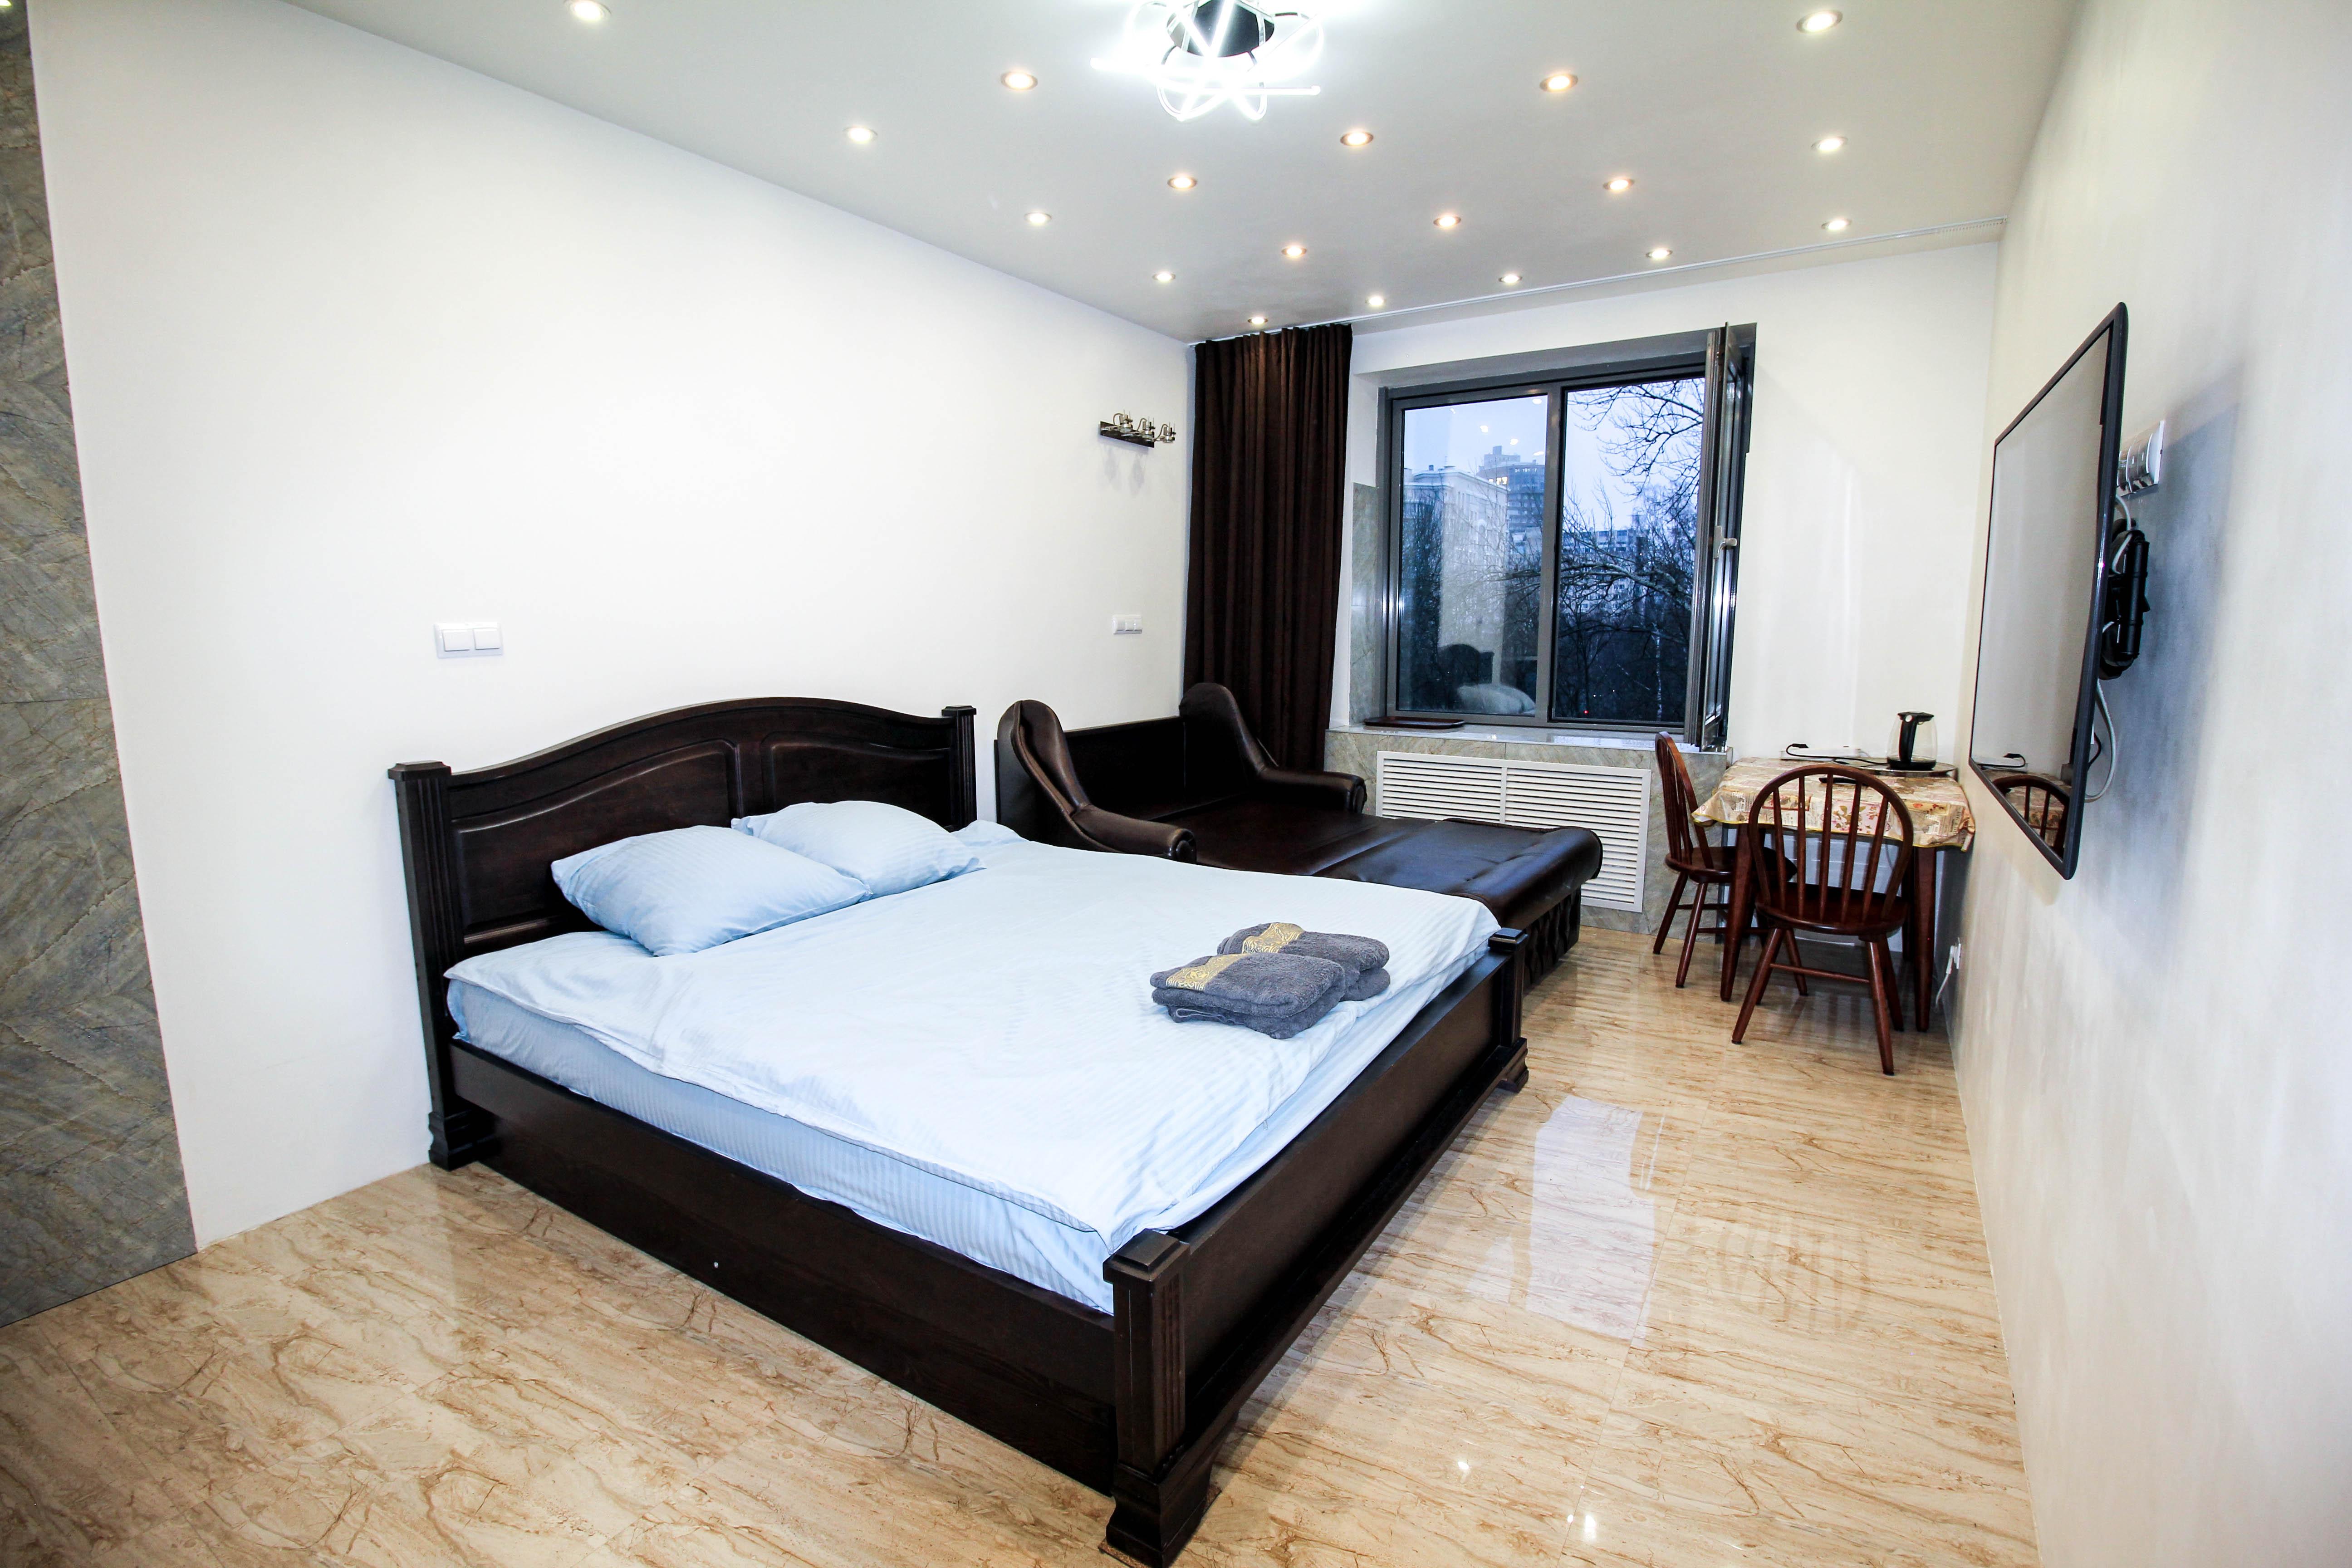 6067 Елагин апарт отель гостиница санкт-